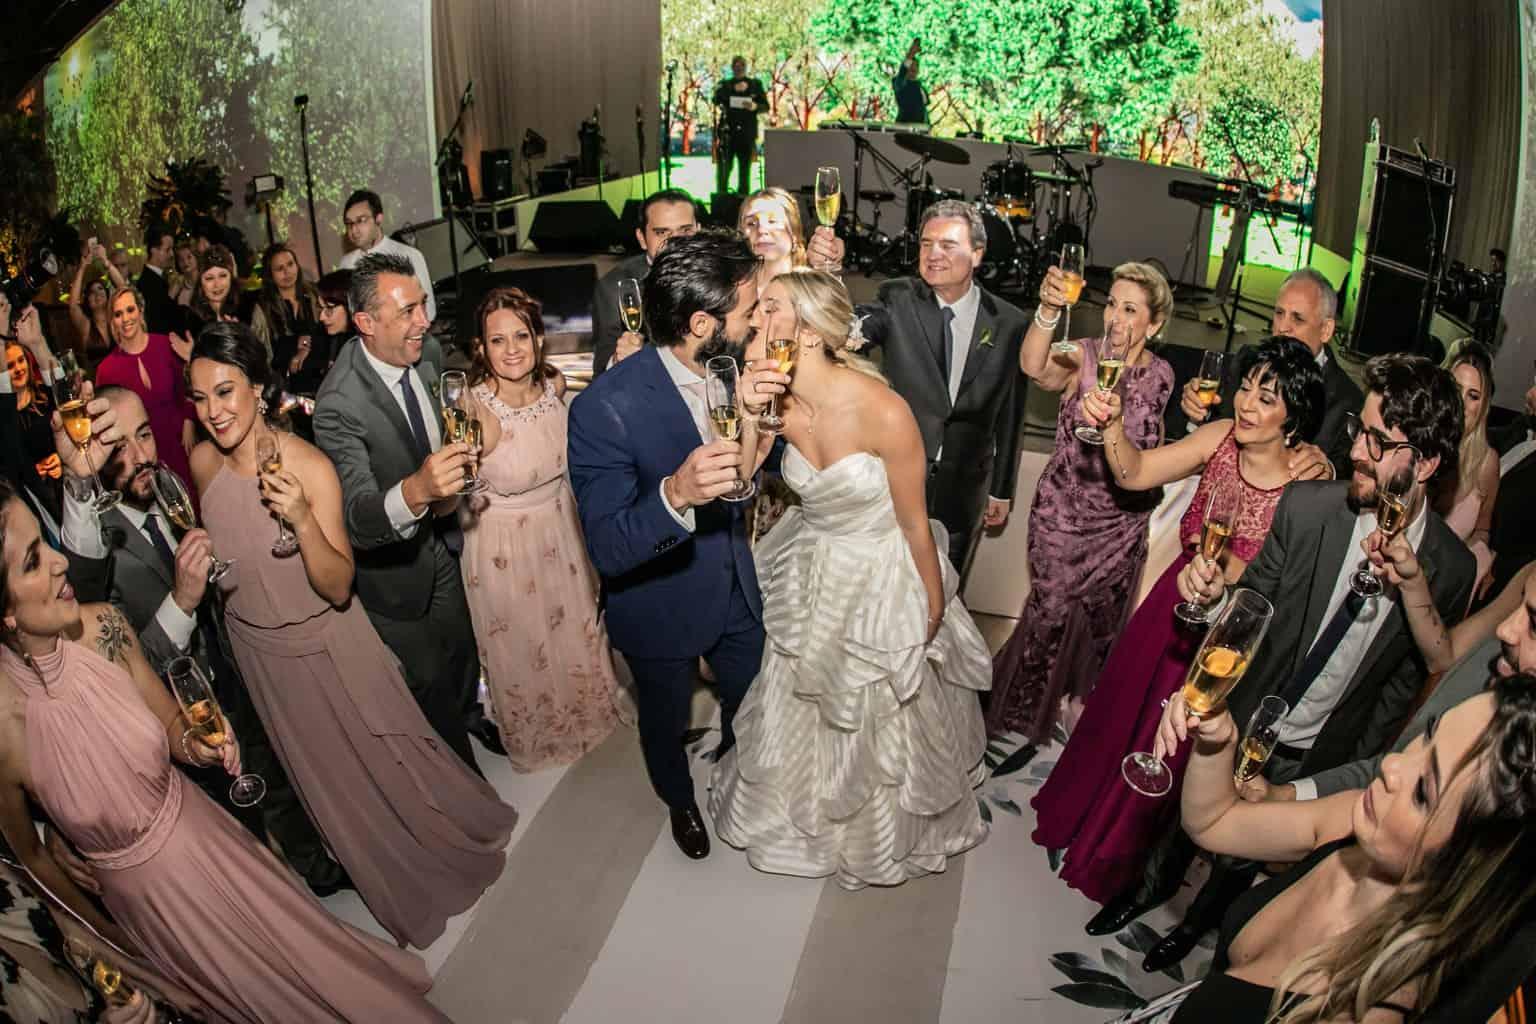 Casamento-Milene-e-Leonardo-danca-do-casal-decoracao-da-festa-Roberto-Tamer-terras-claras268